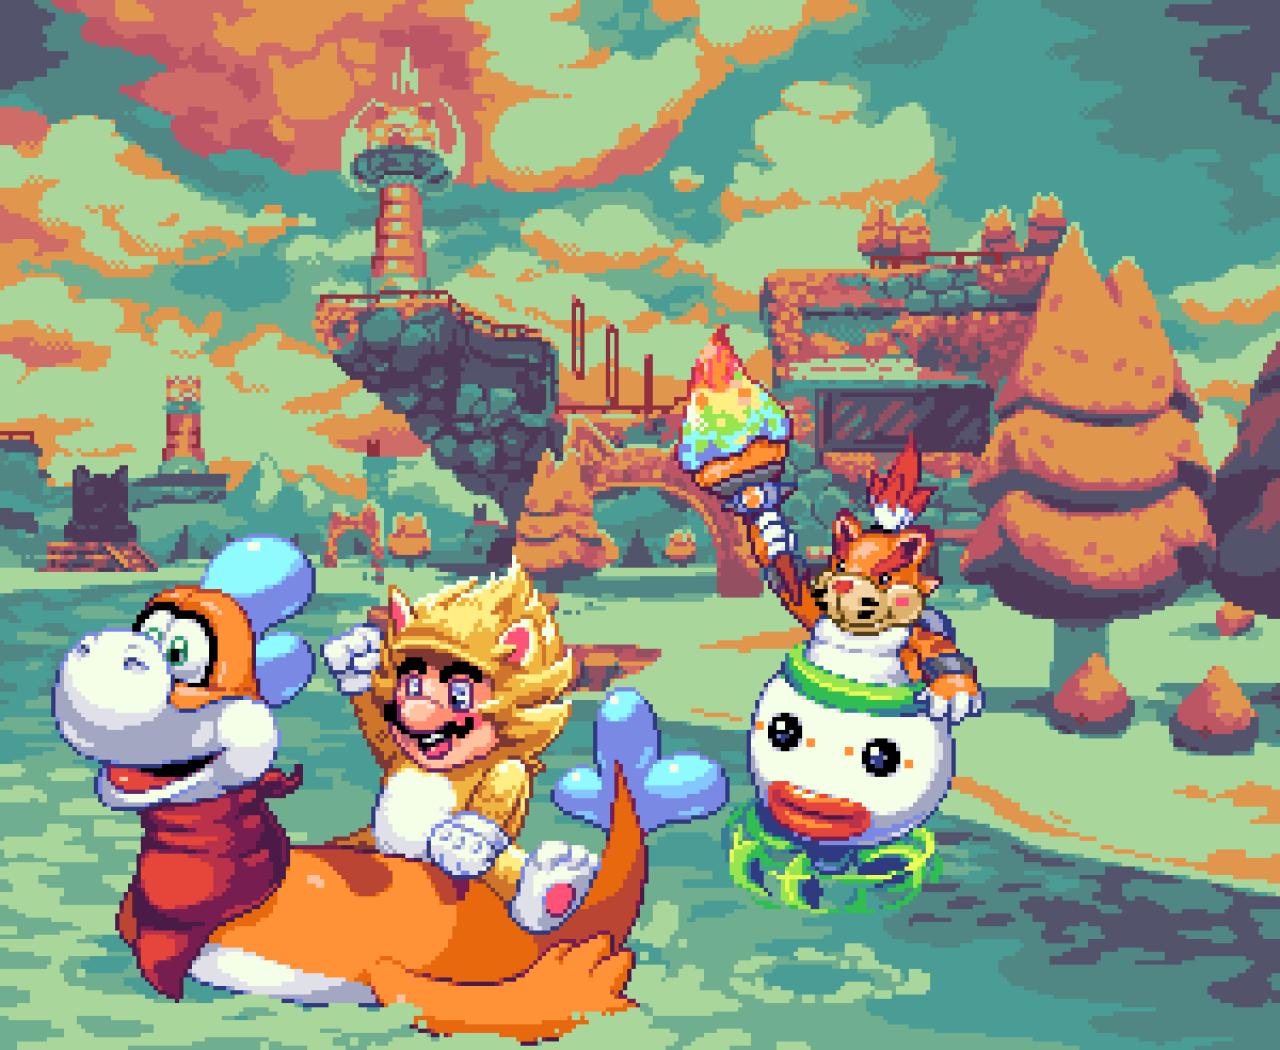 Mario Bowsers Fury in Pixel Art #pixelart#gaming#gamer